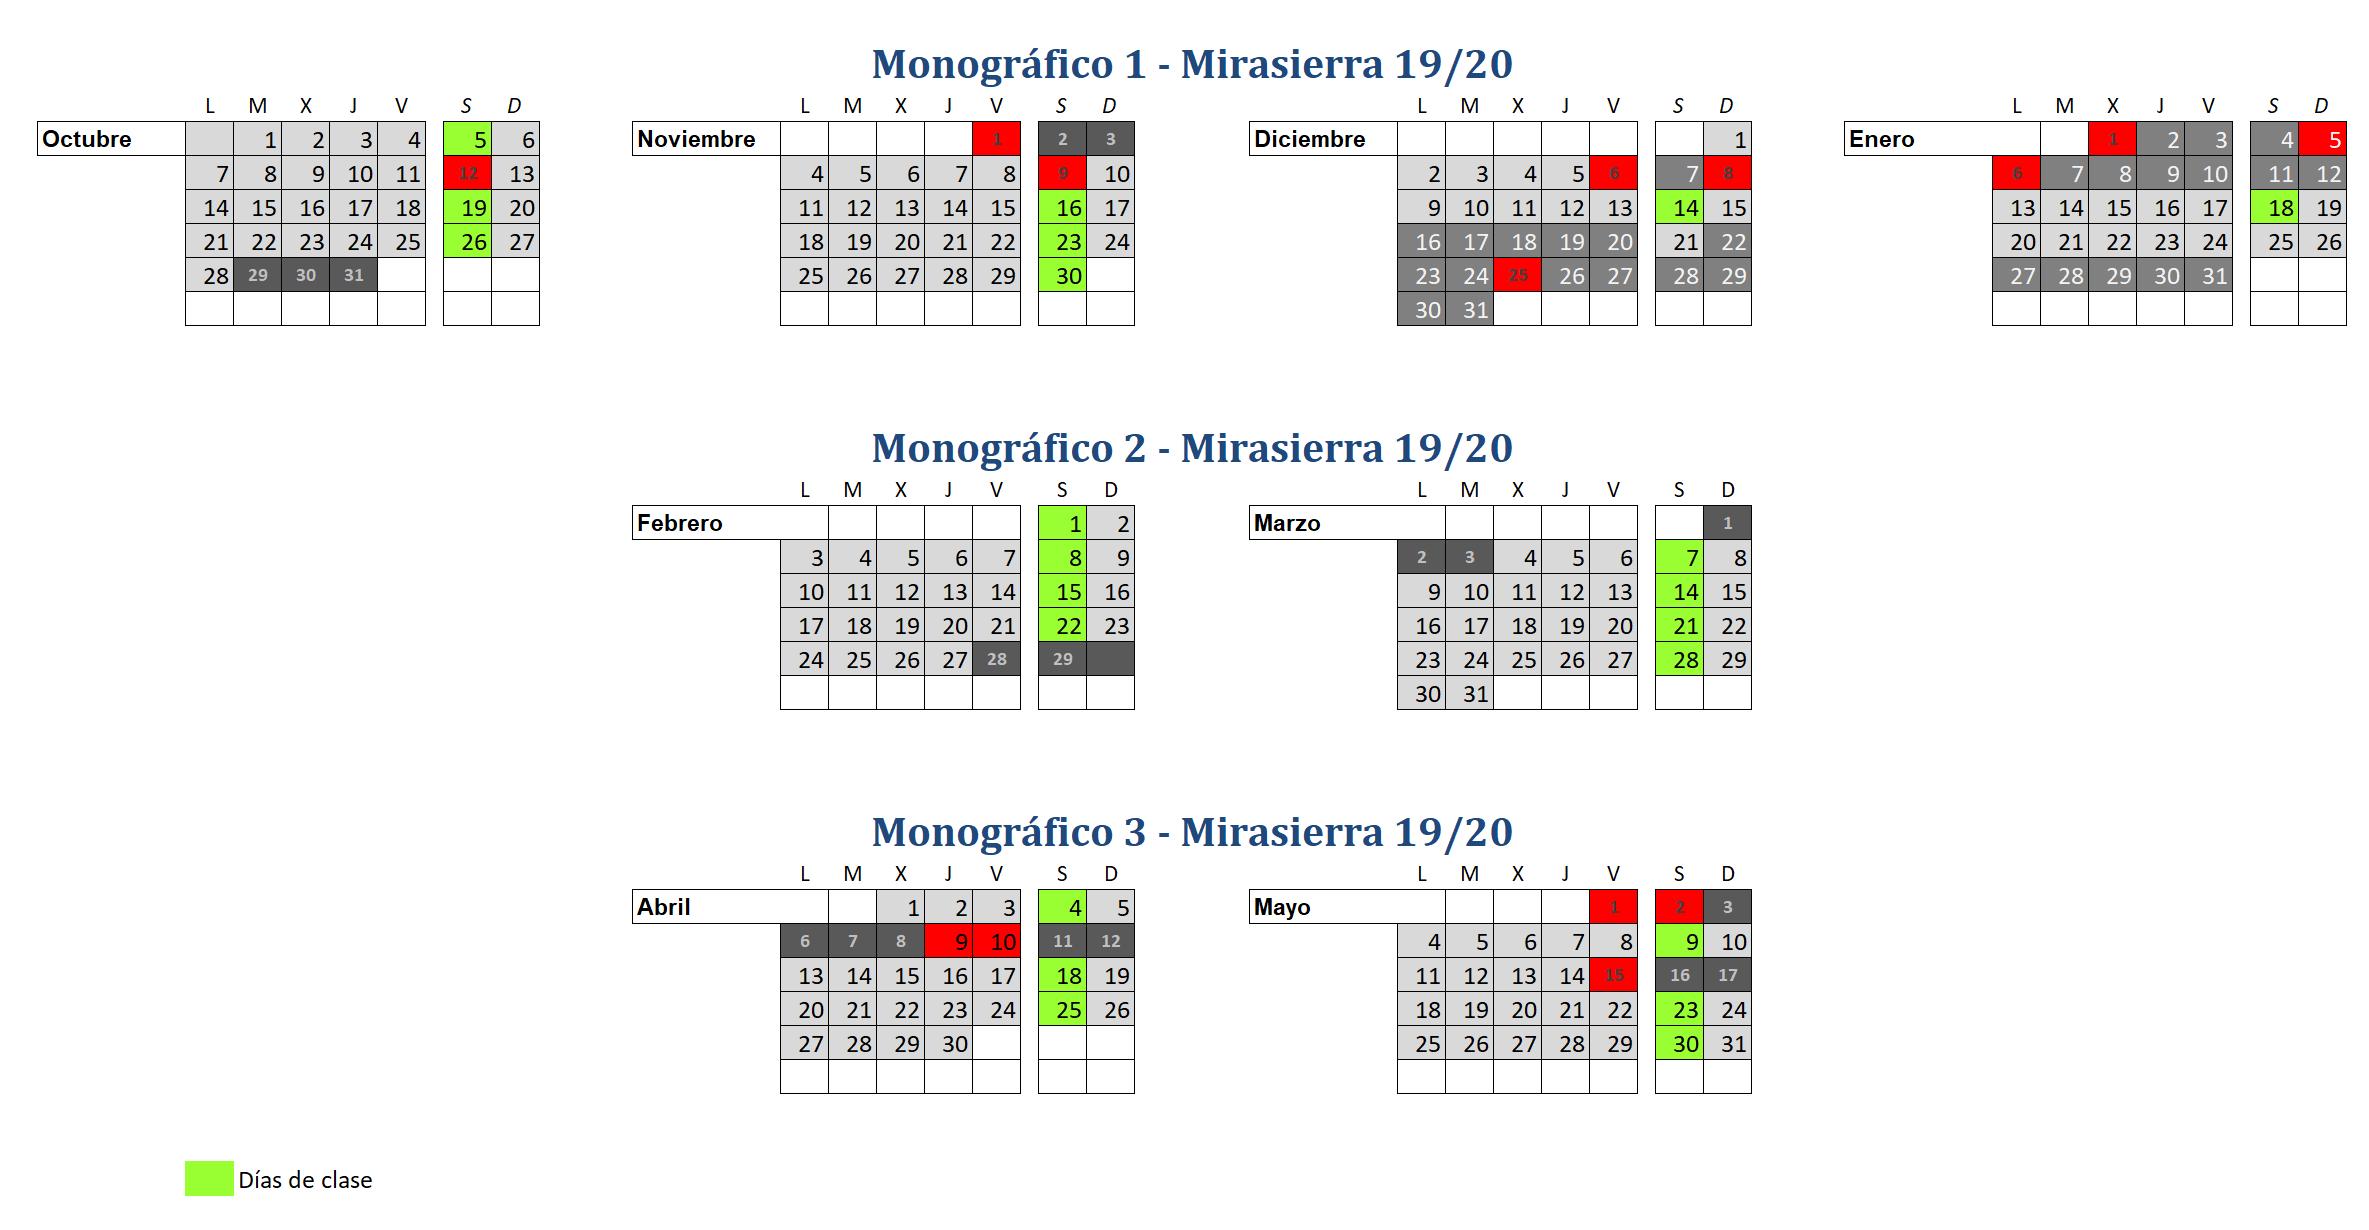 Calendario 2019-2020 Club Tres60 Curso de patinaje Mirasierra 2